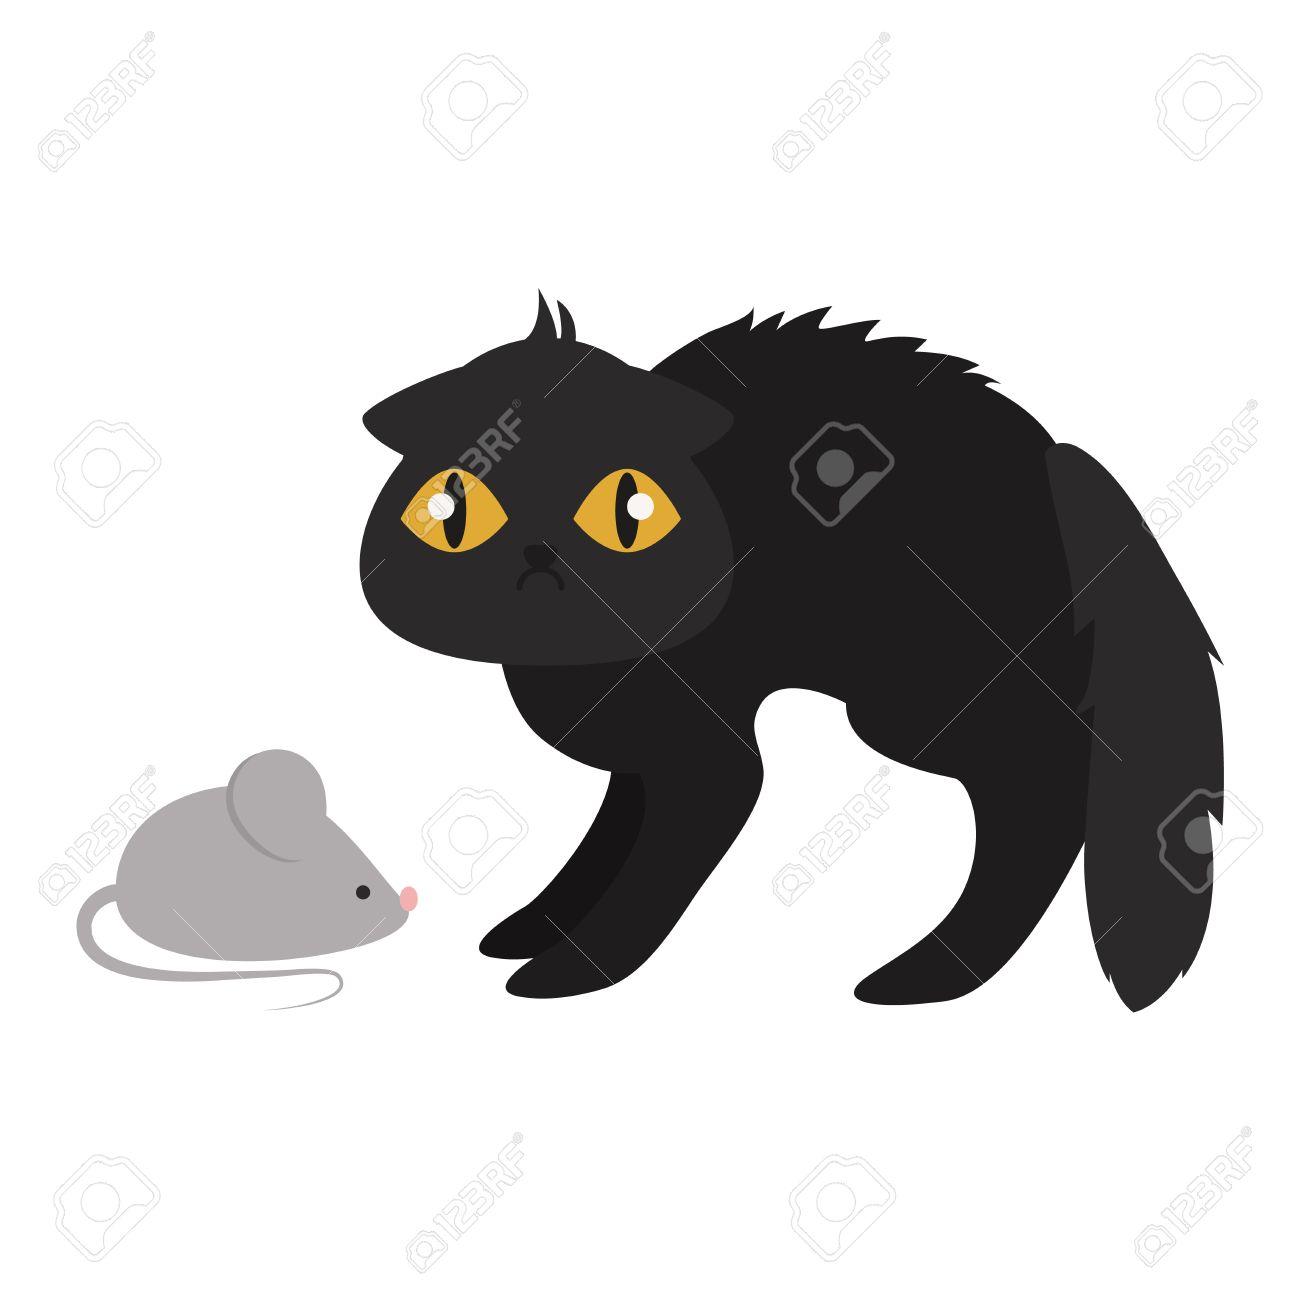 gratuit chatte noire clips vidéo sexuelle gratuite